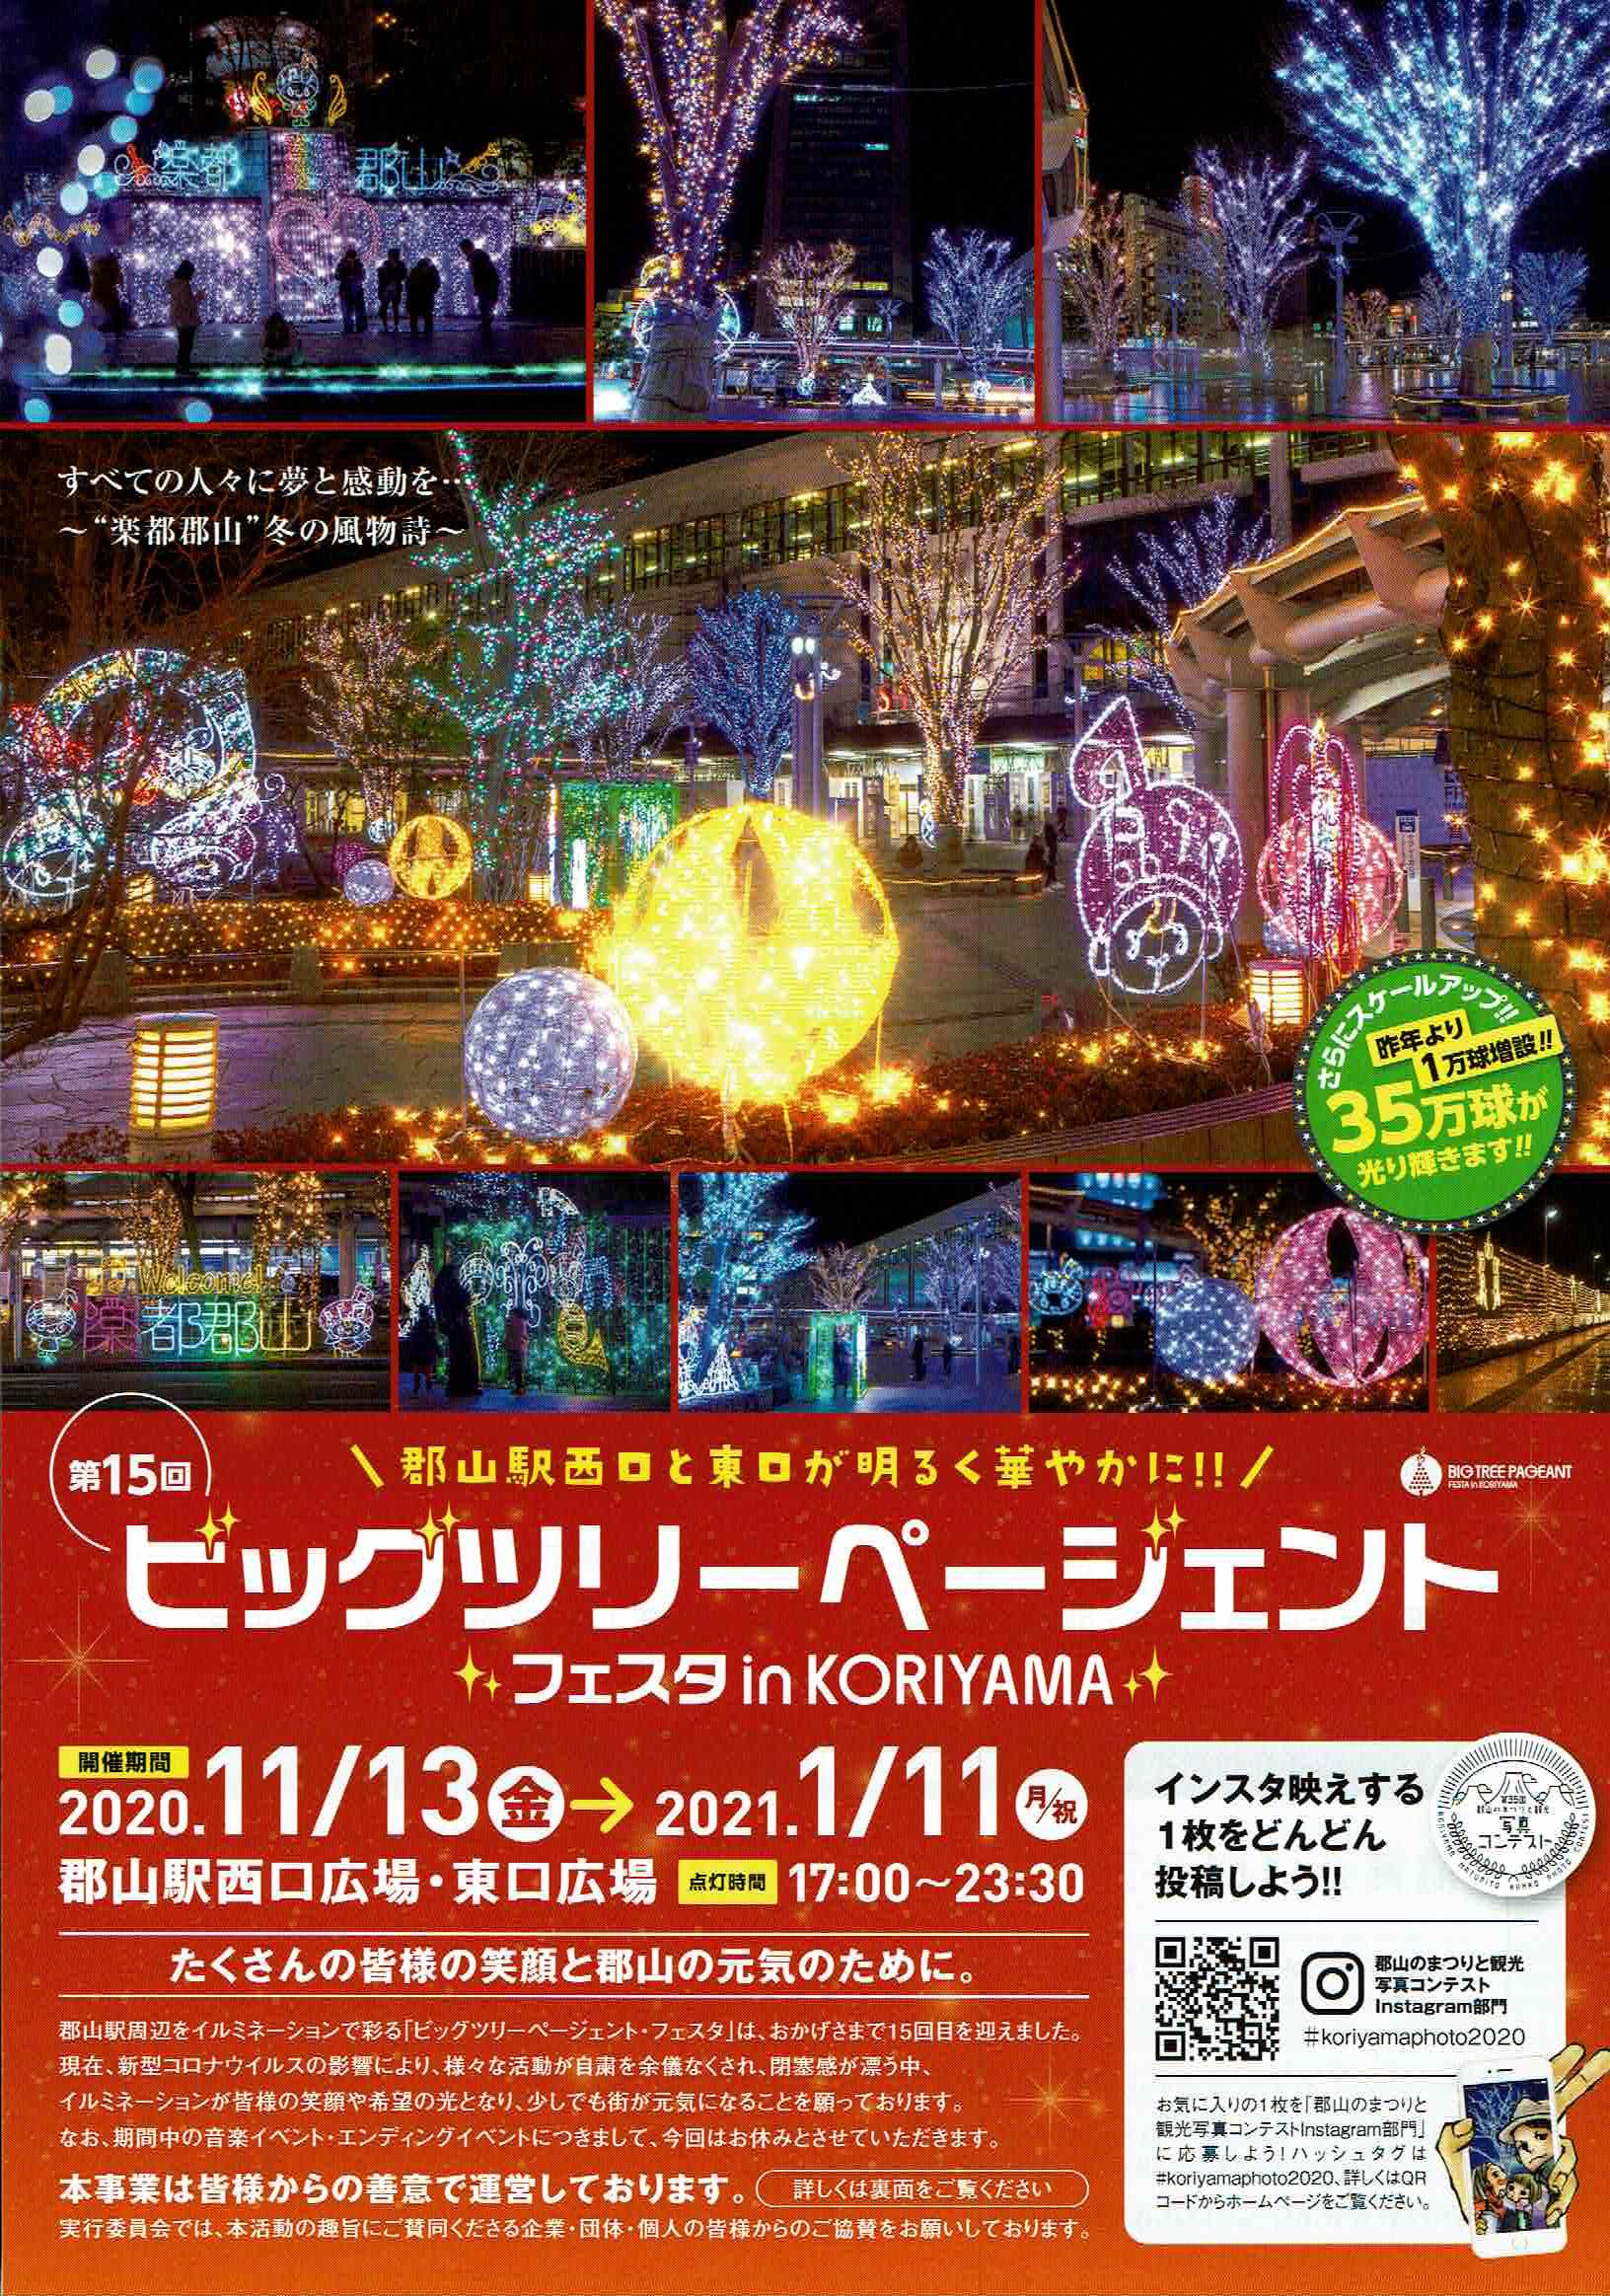 11/13(金)~2021年1月11日(月祝)◆ビッグツリーページェント フェスタ in KORIYAMA